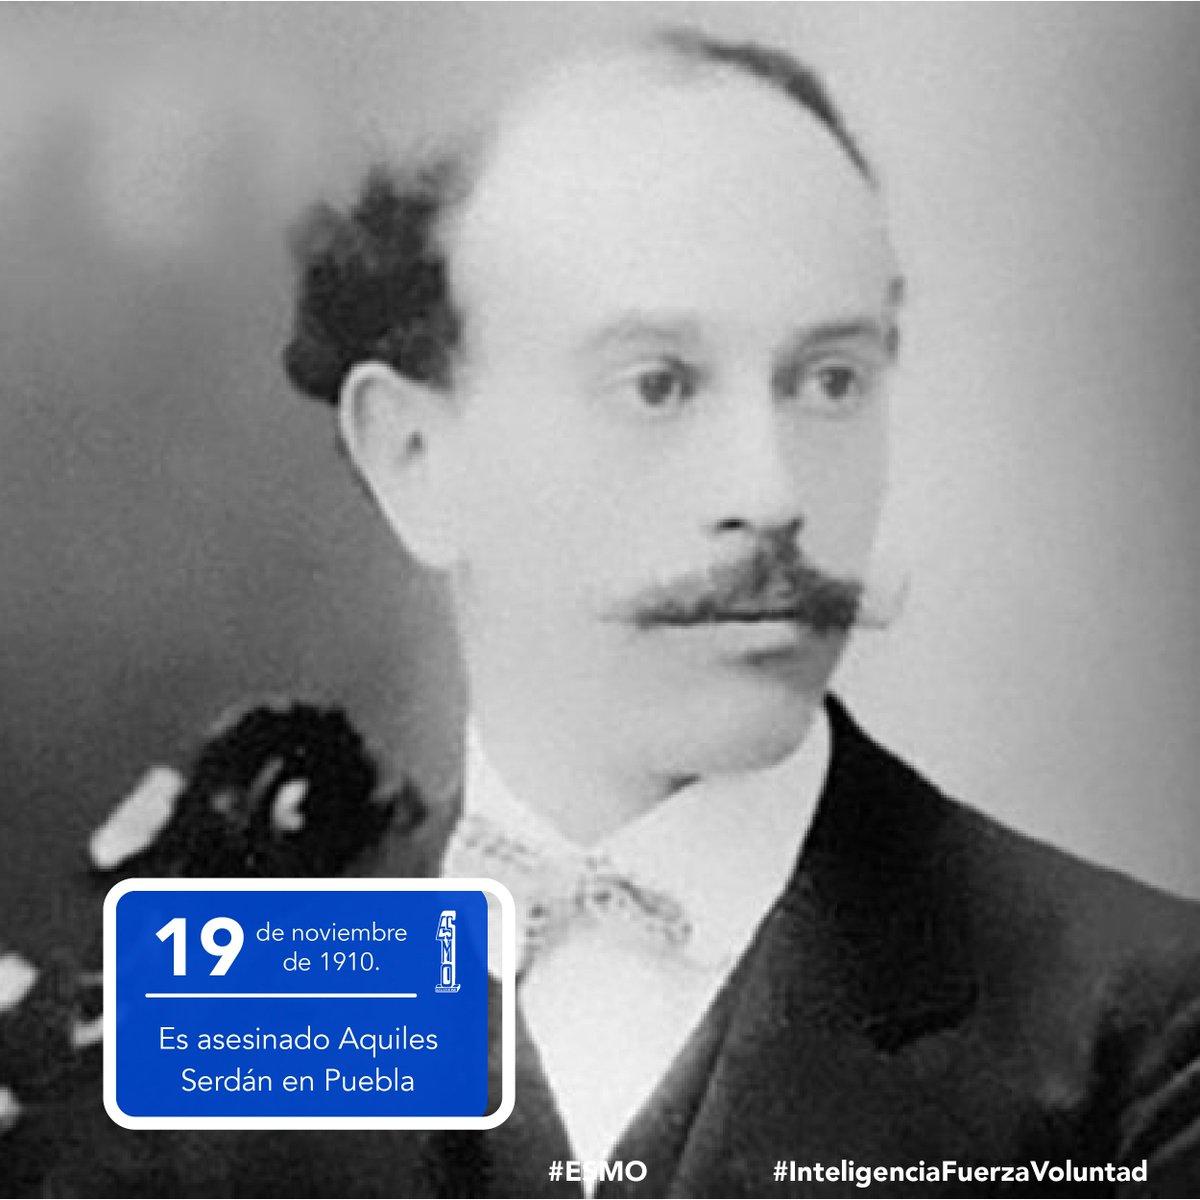 🗓 19 de noviembre de 1910 🇲🇽  Es asesinado Aquiles Serdán, luego de haberse levantado contra el gobierno de Porfirio Díaz, para secundar el llamado de Madero a la insurrección.  #ESMO #InteligenciaFuerzaVoluntad #Atlixco #Puebla  #EducaciónBásica #AccionesPorLaEducación